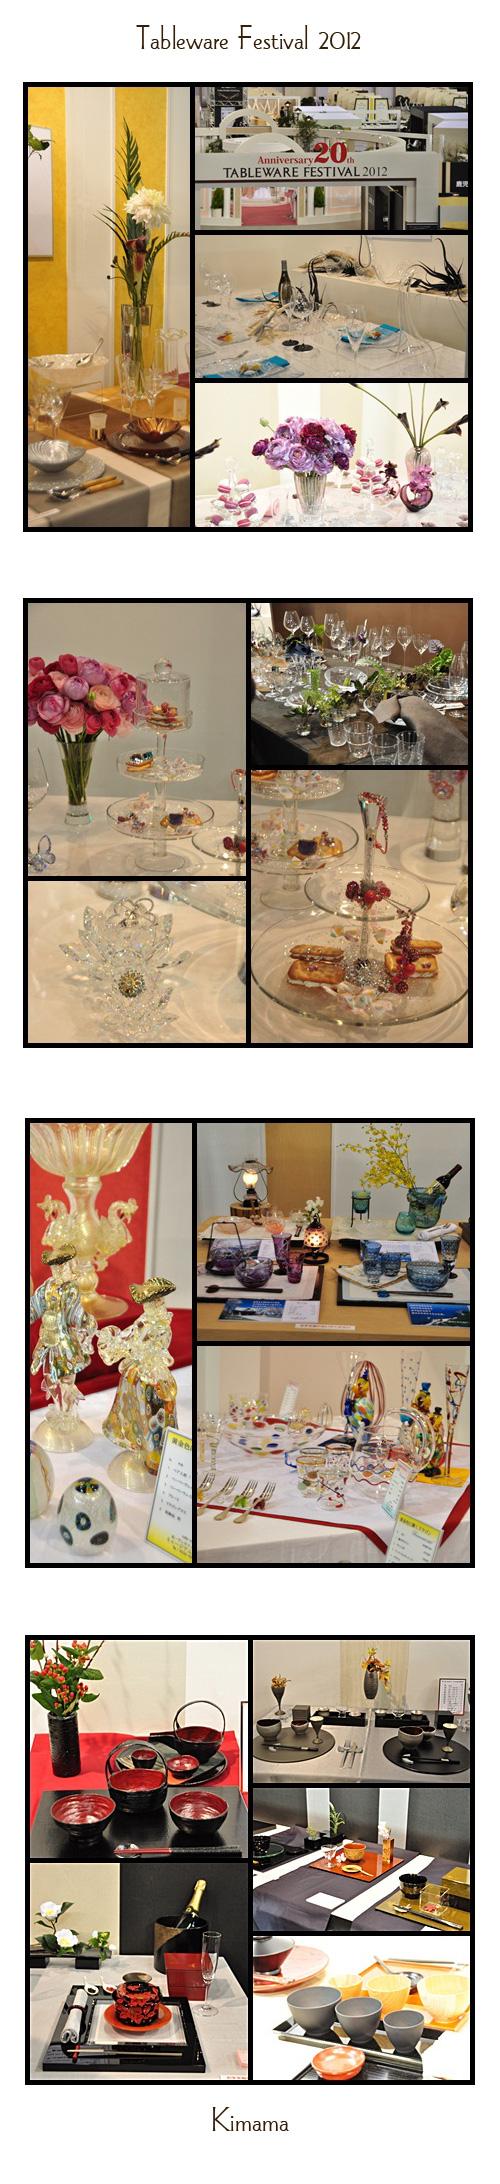 2月3日テーブルウェアフェスティバル1